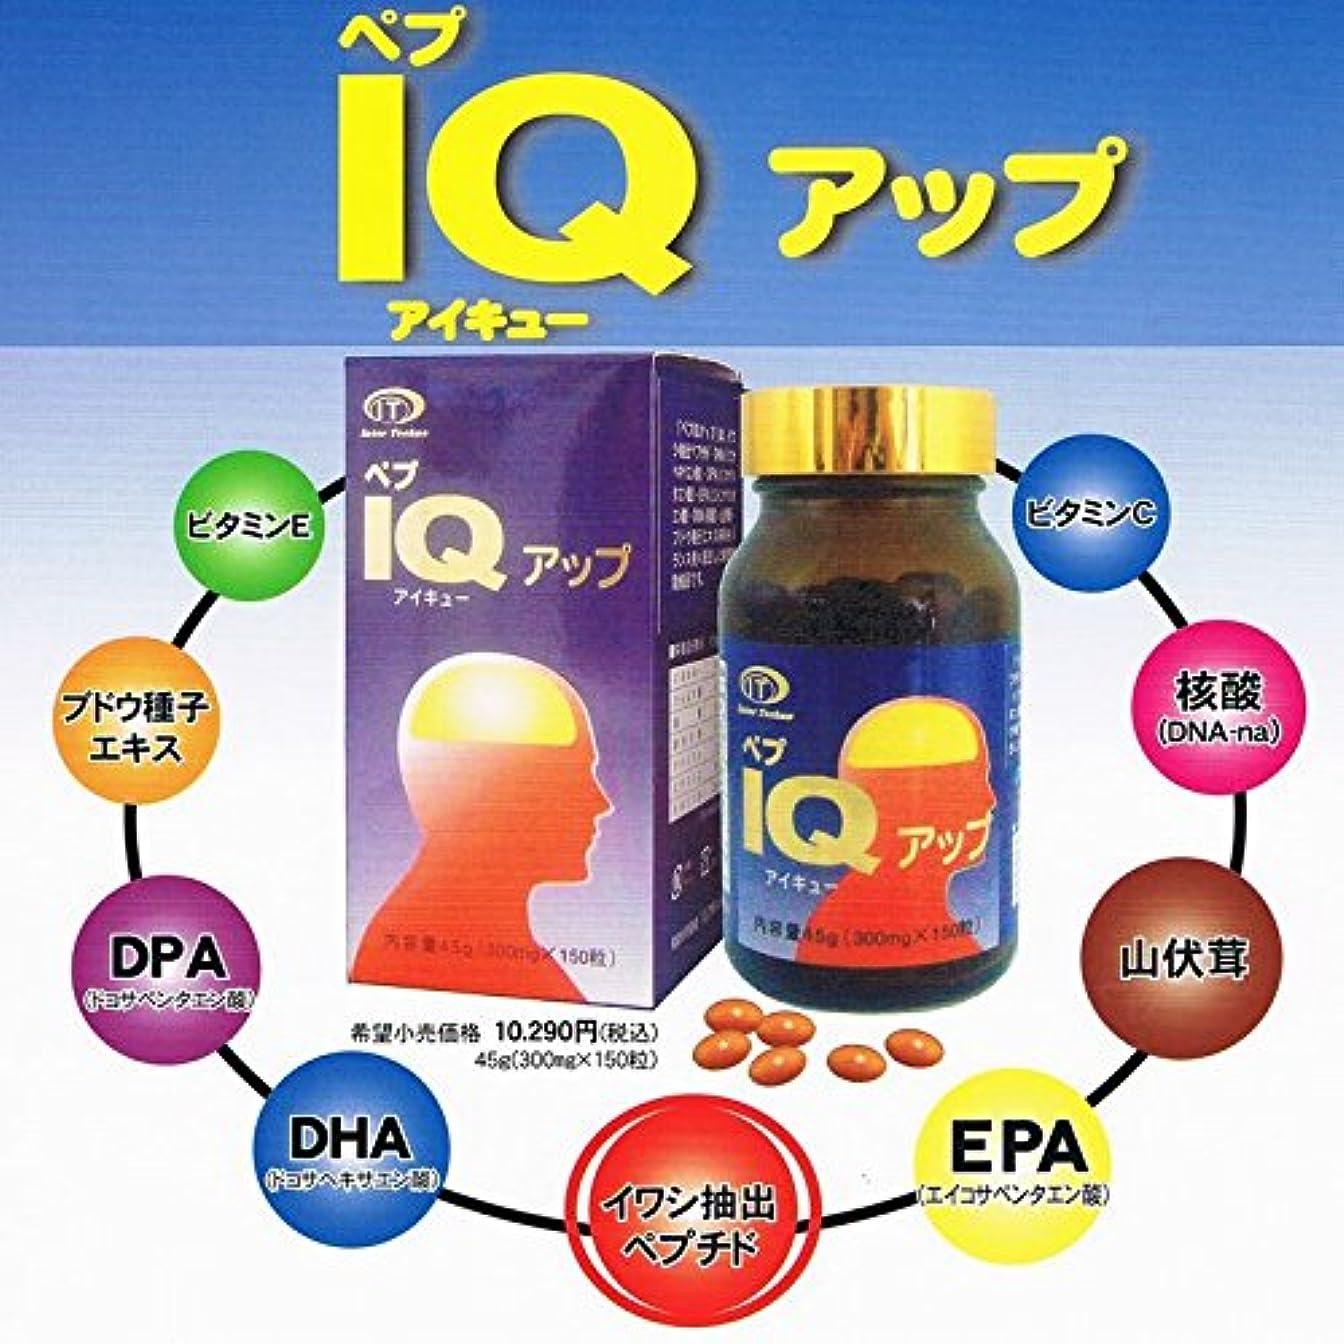 報酬水素強制ペプIQアップ 150粒 《記憶?思考、DHA、EPA》